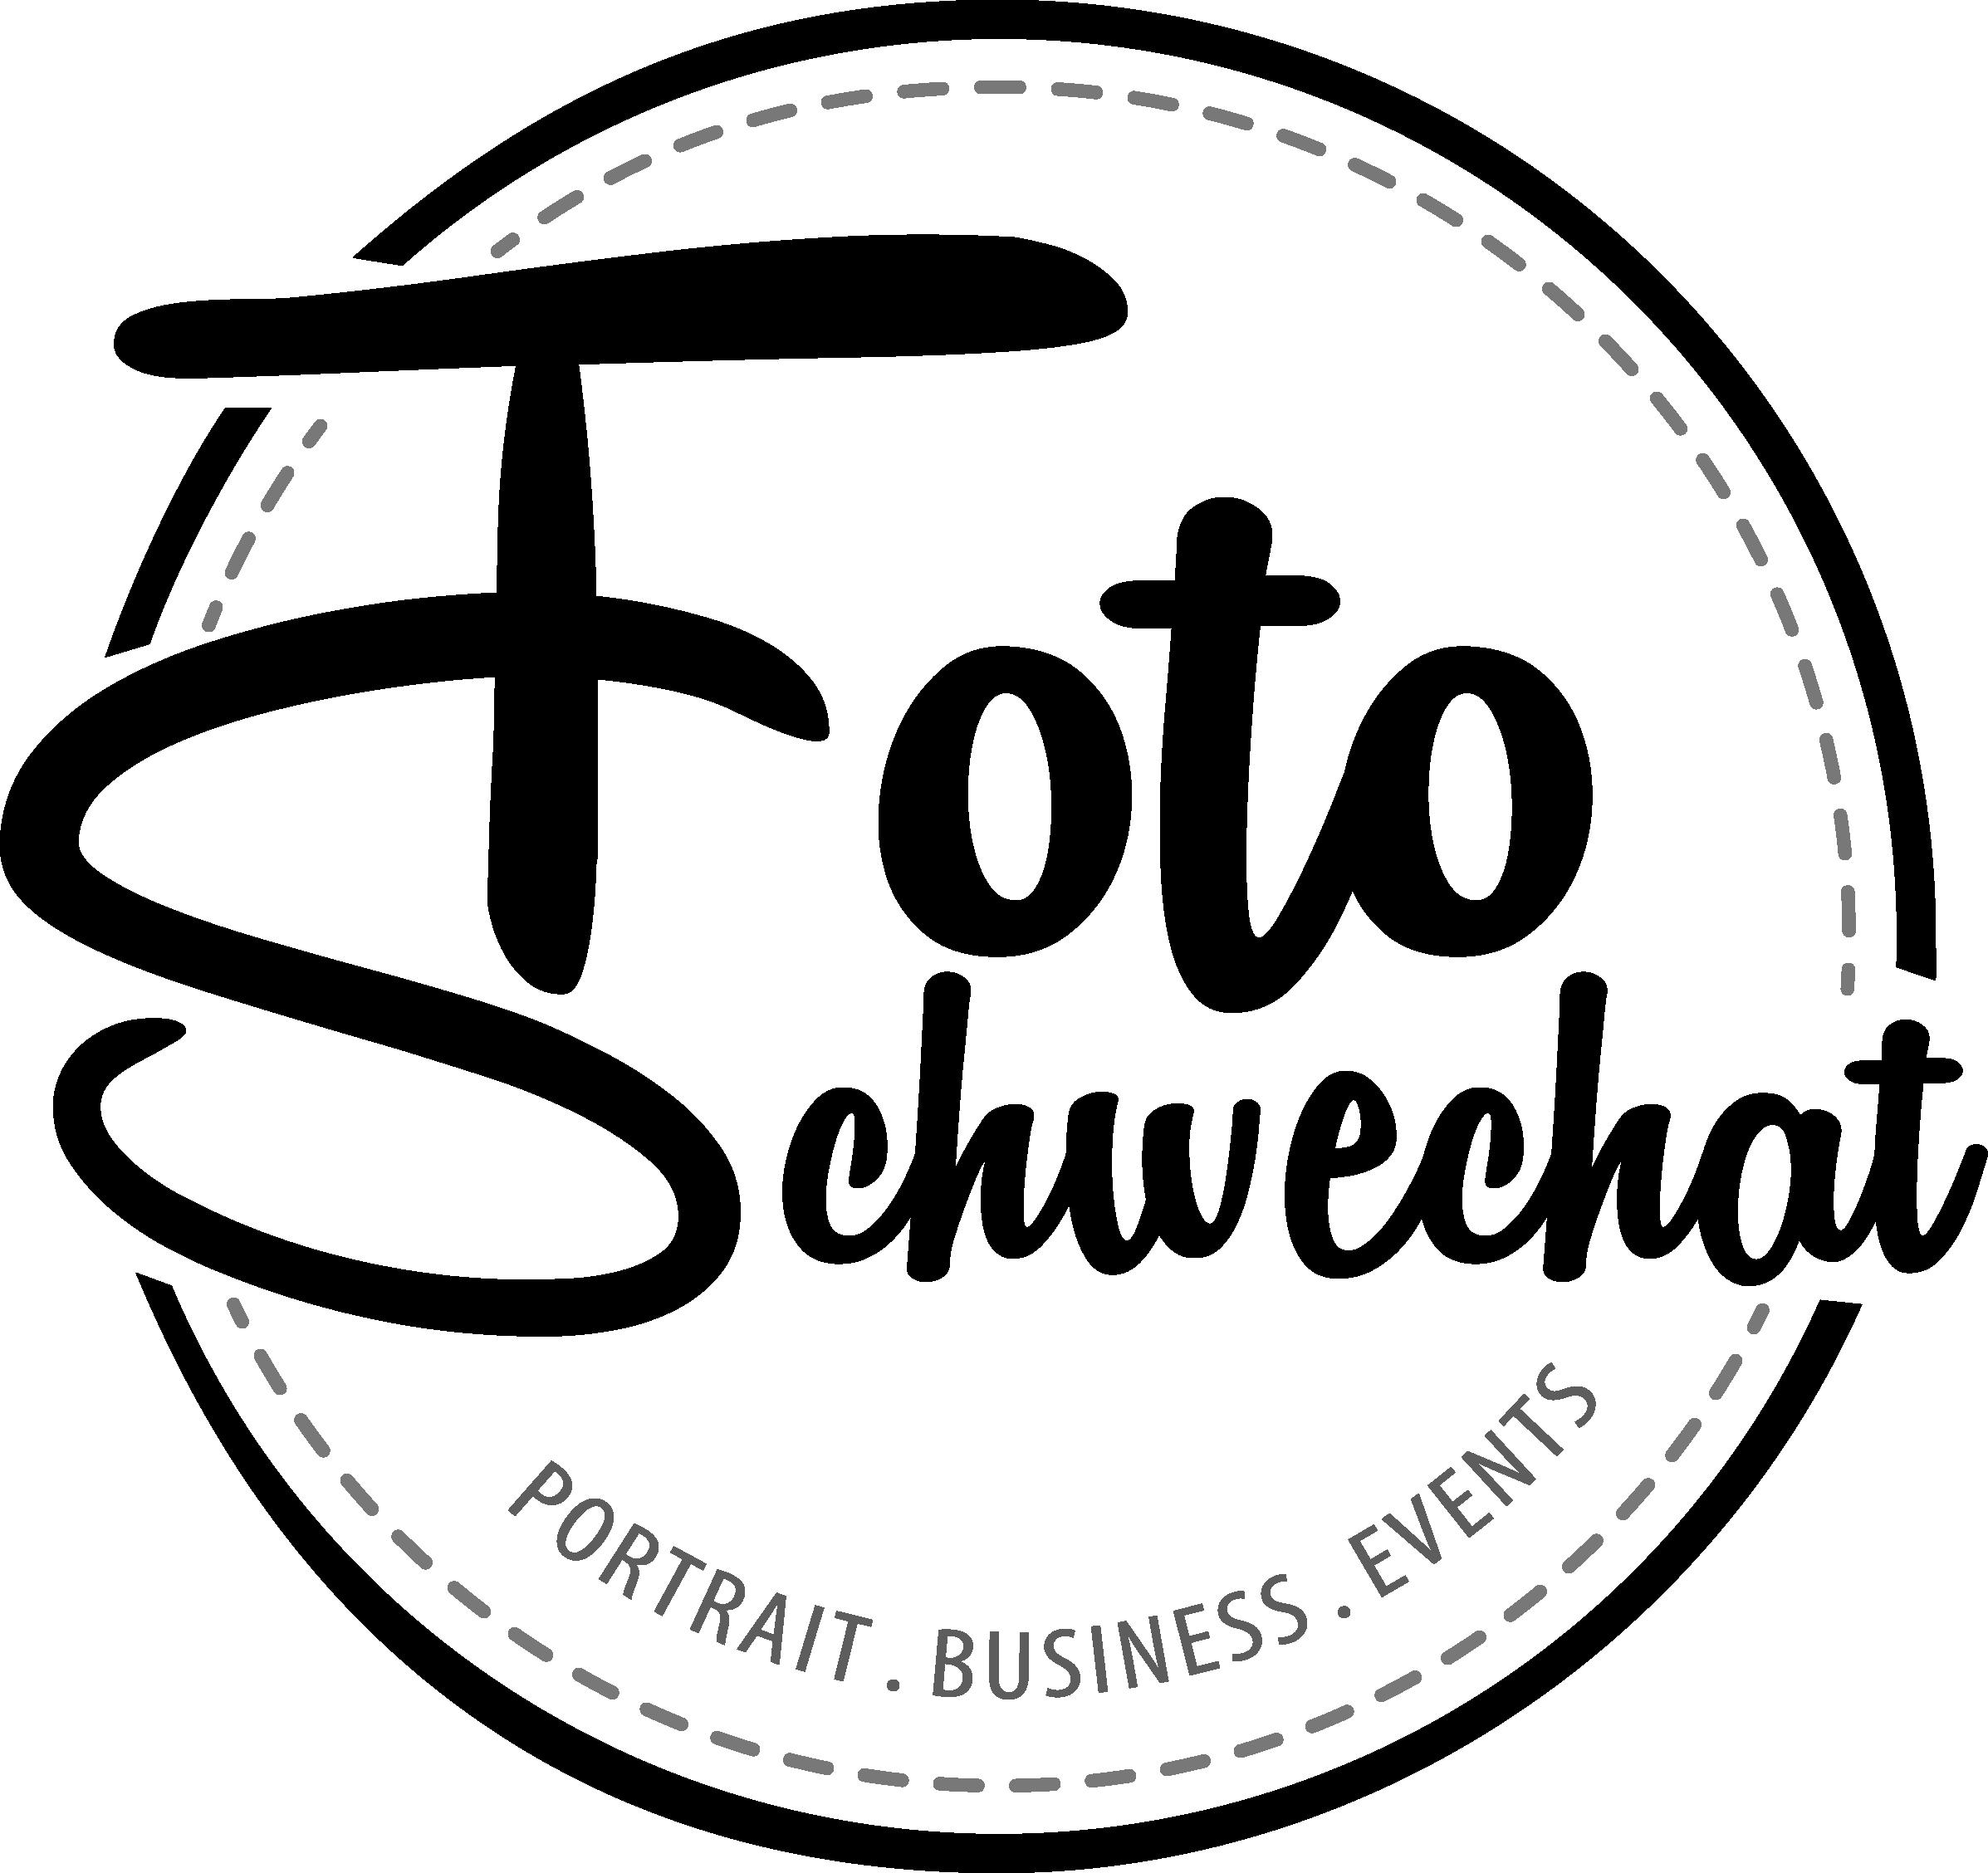 FotoSchwechat_LOGO-final